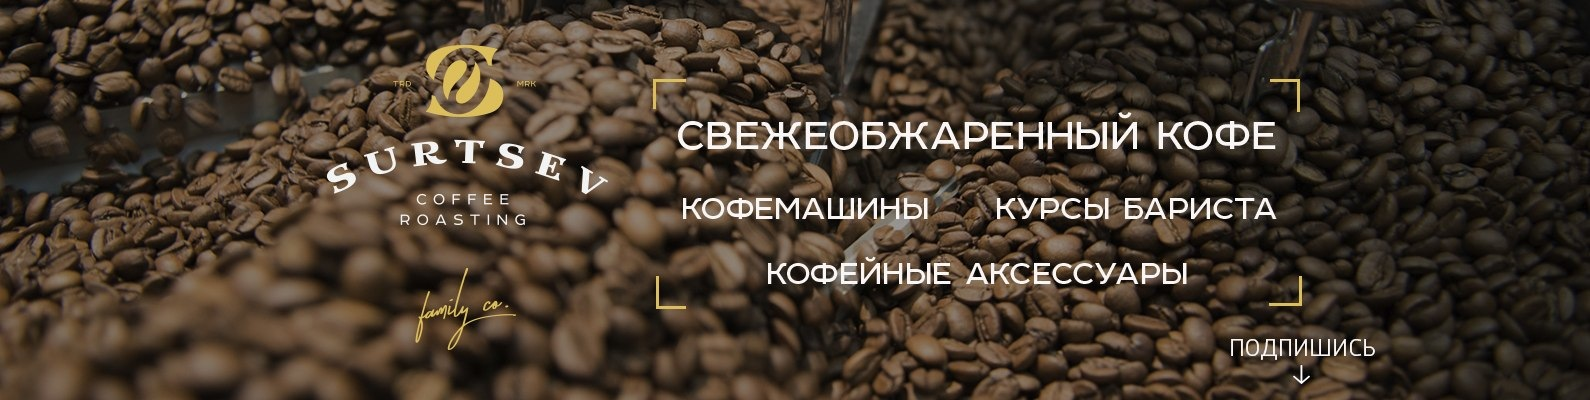 Свежеобжаренный кофе пермь акции